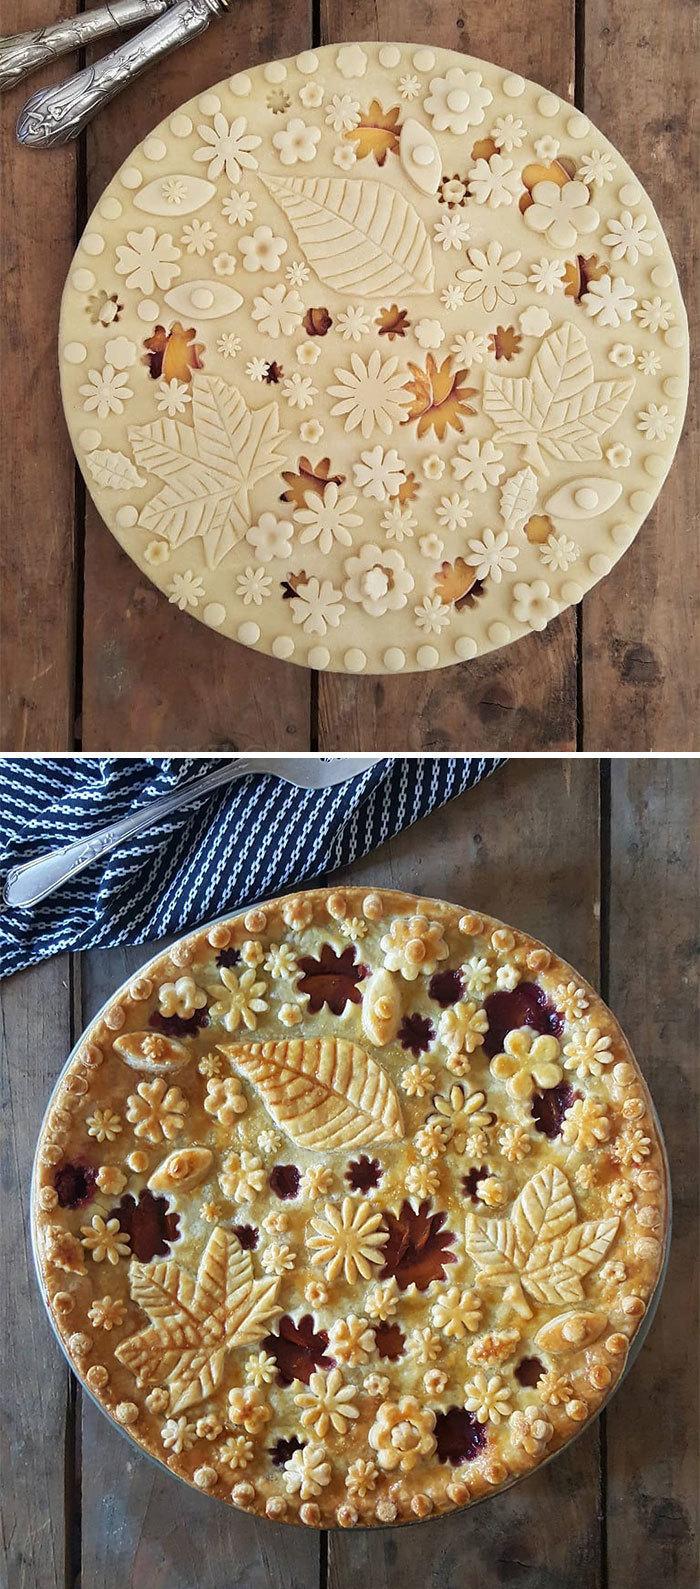 Немецкий пекарь делает пироги, которые слишком великолепны, чтобы их есть